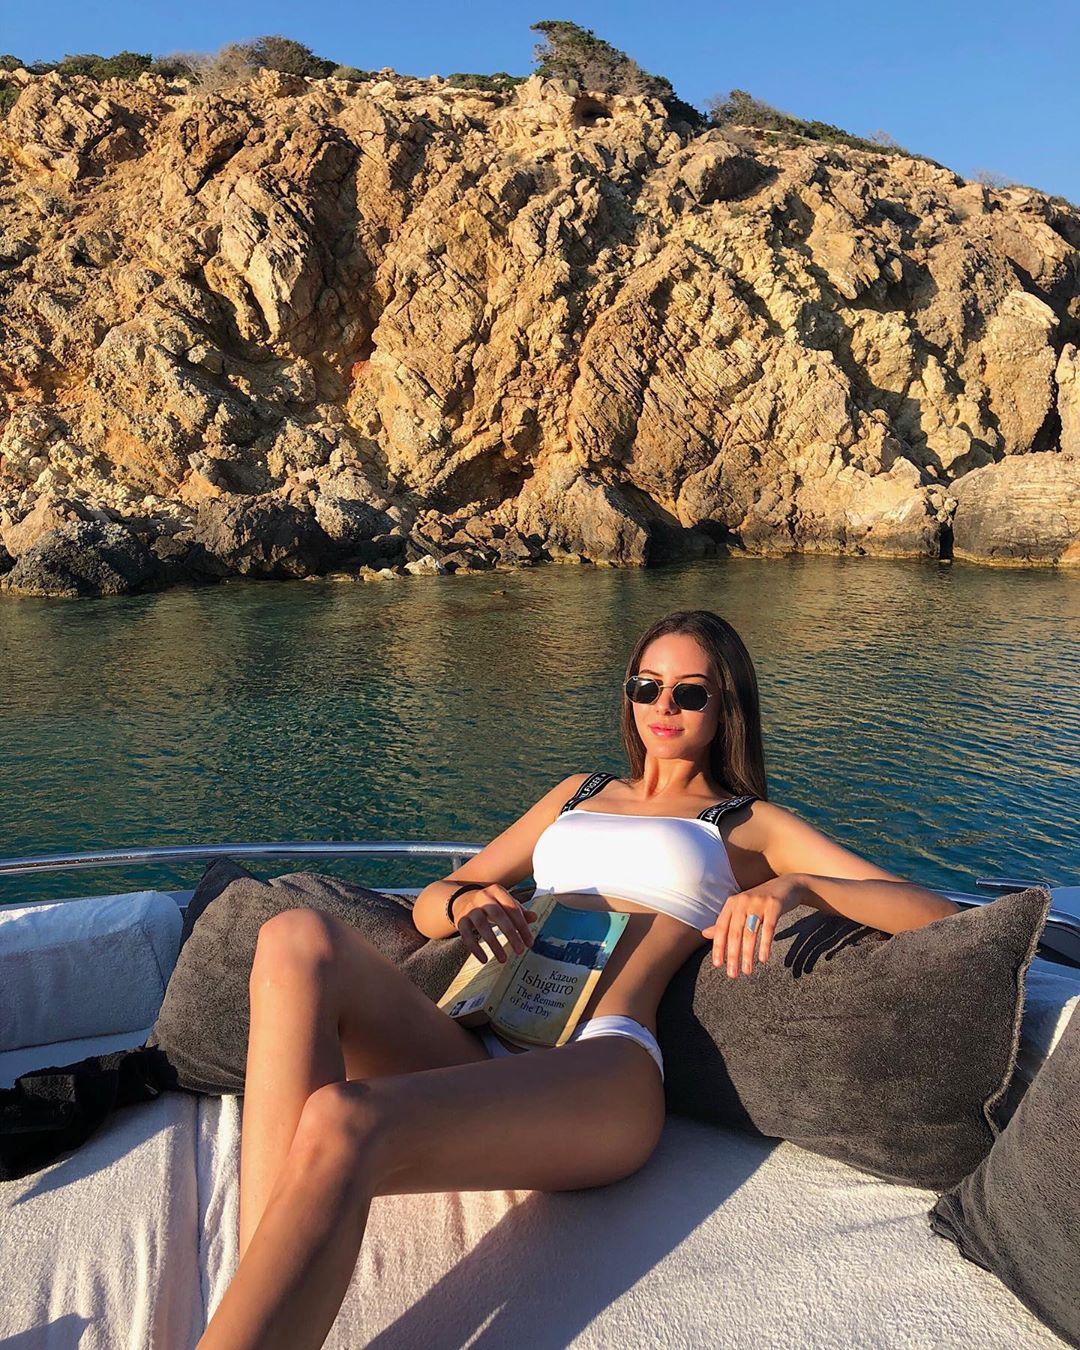 Νεφέλη Λιβιεράτου: Ποζάρει σε σκάφος με μαγιό και είναι απλά εντυπωσιακή!